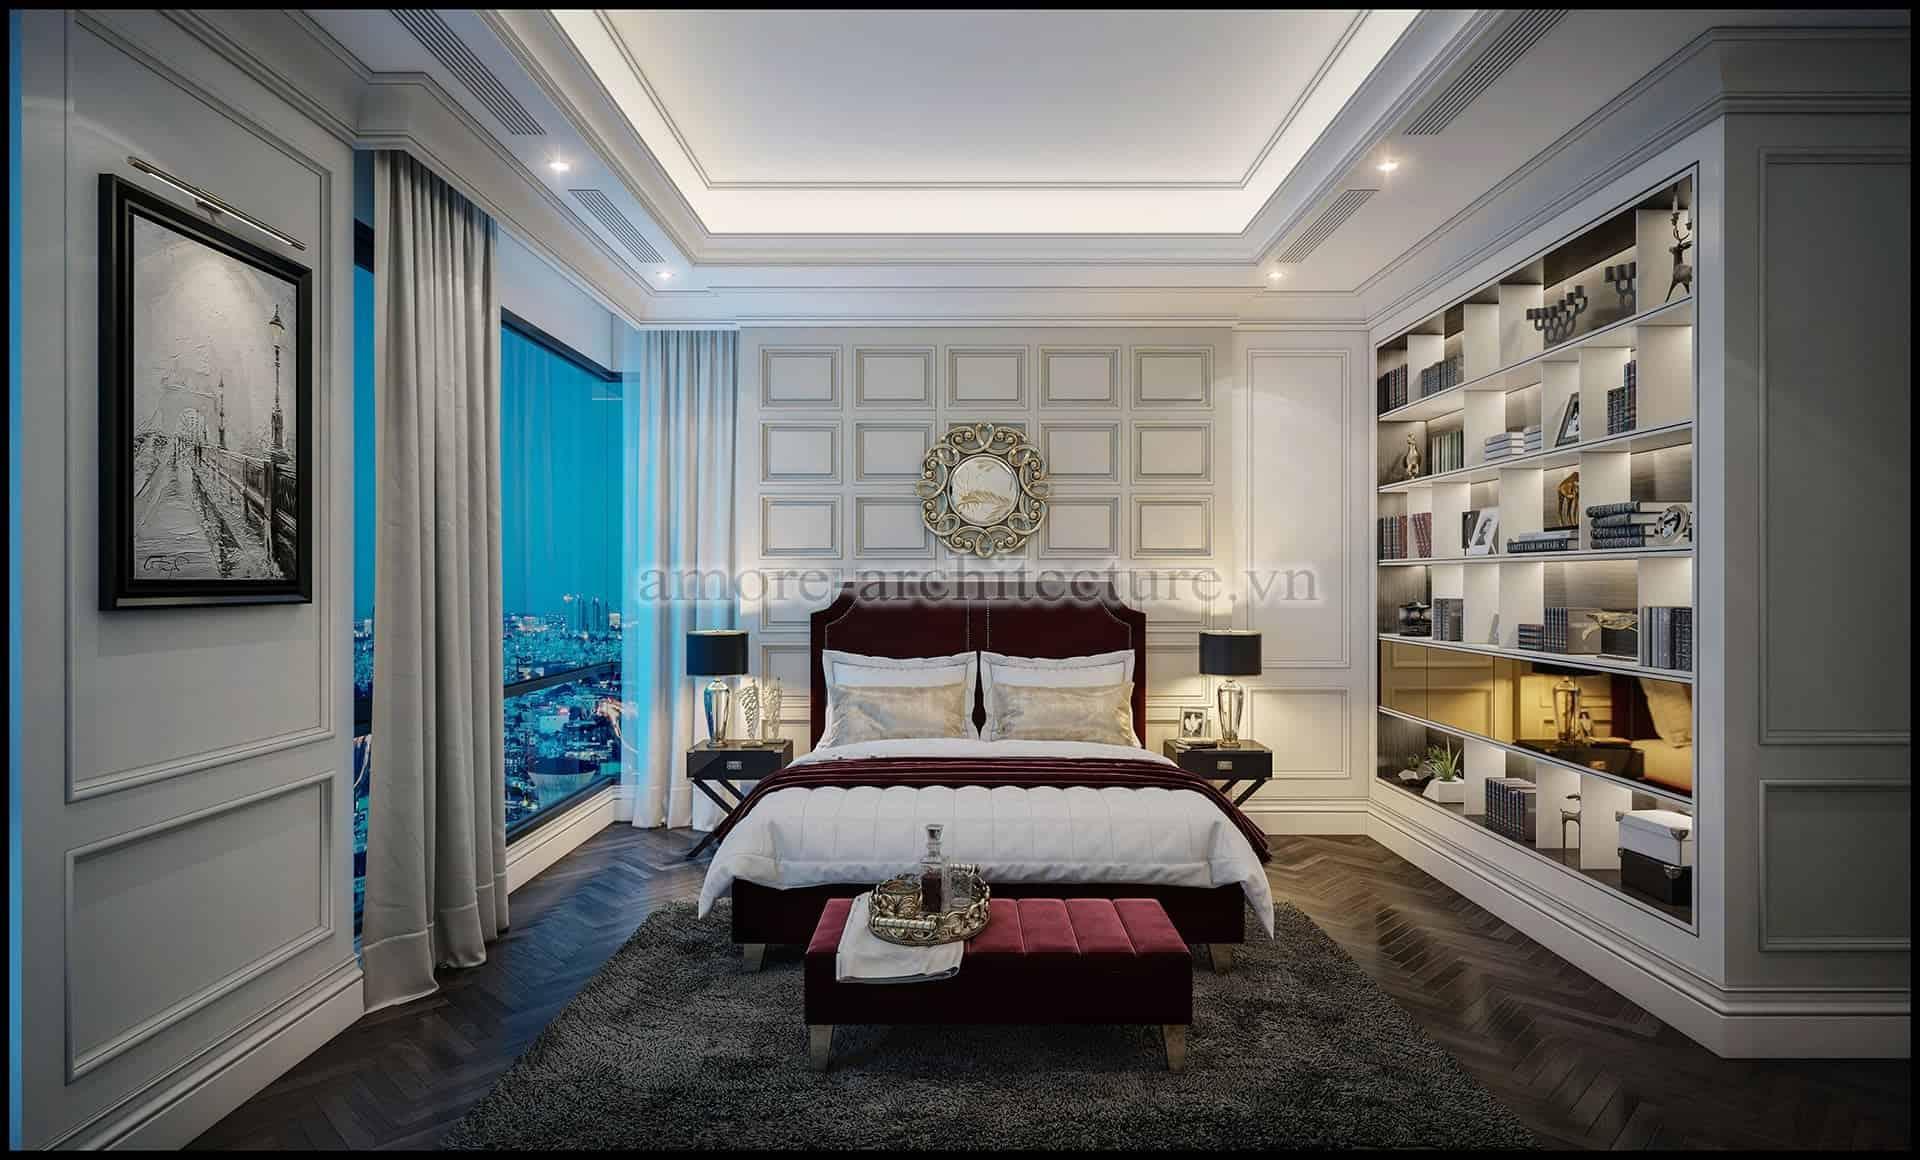 thiết kế nội thất chung cư cổ điển thanh lịch